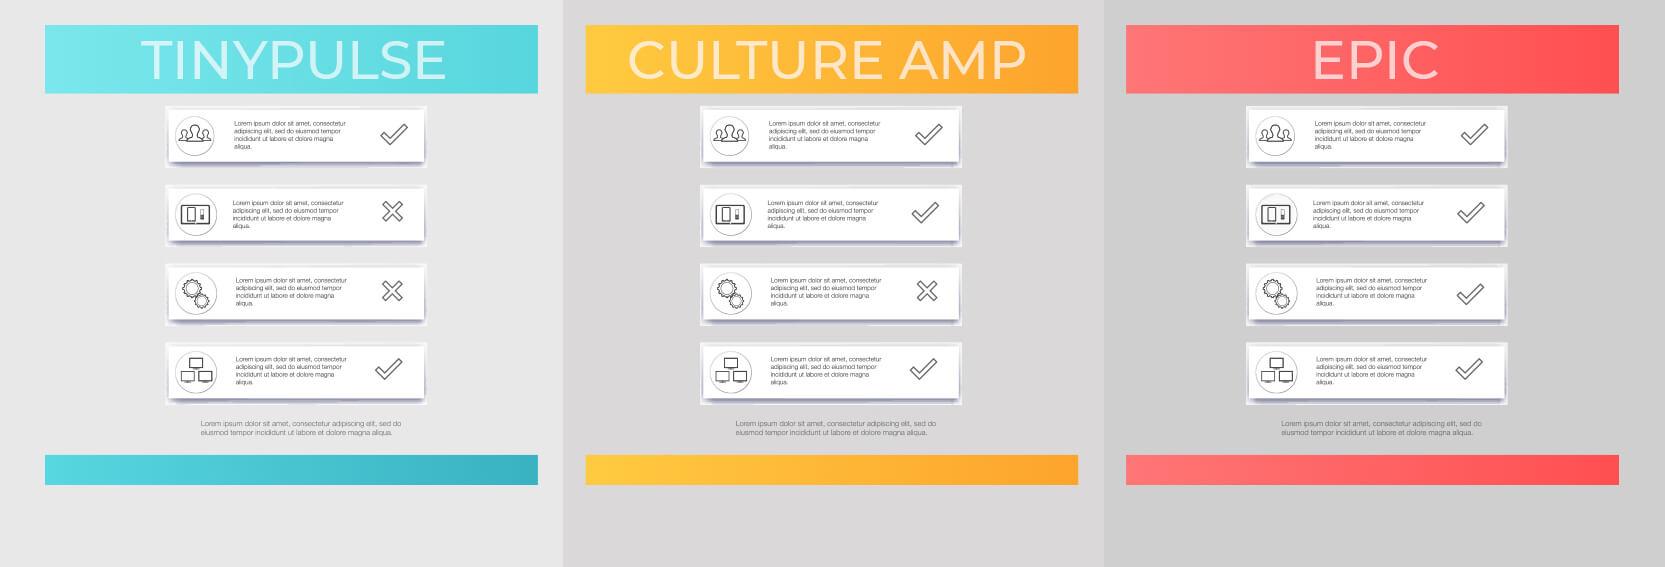 TinyPulse vs CultureAmp vs Epic